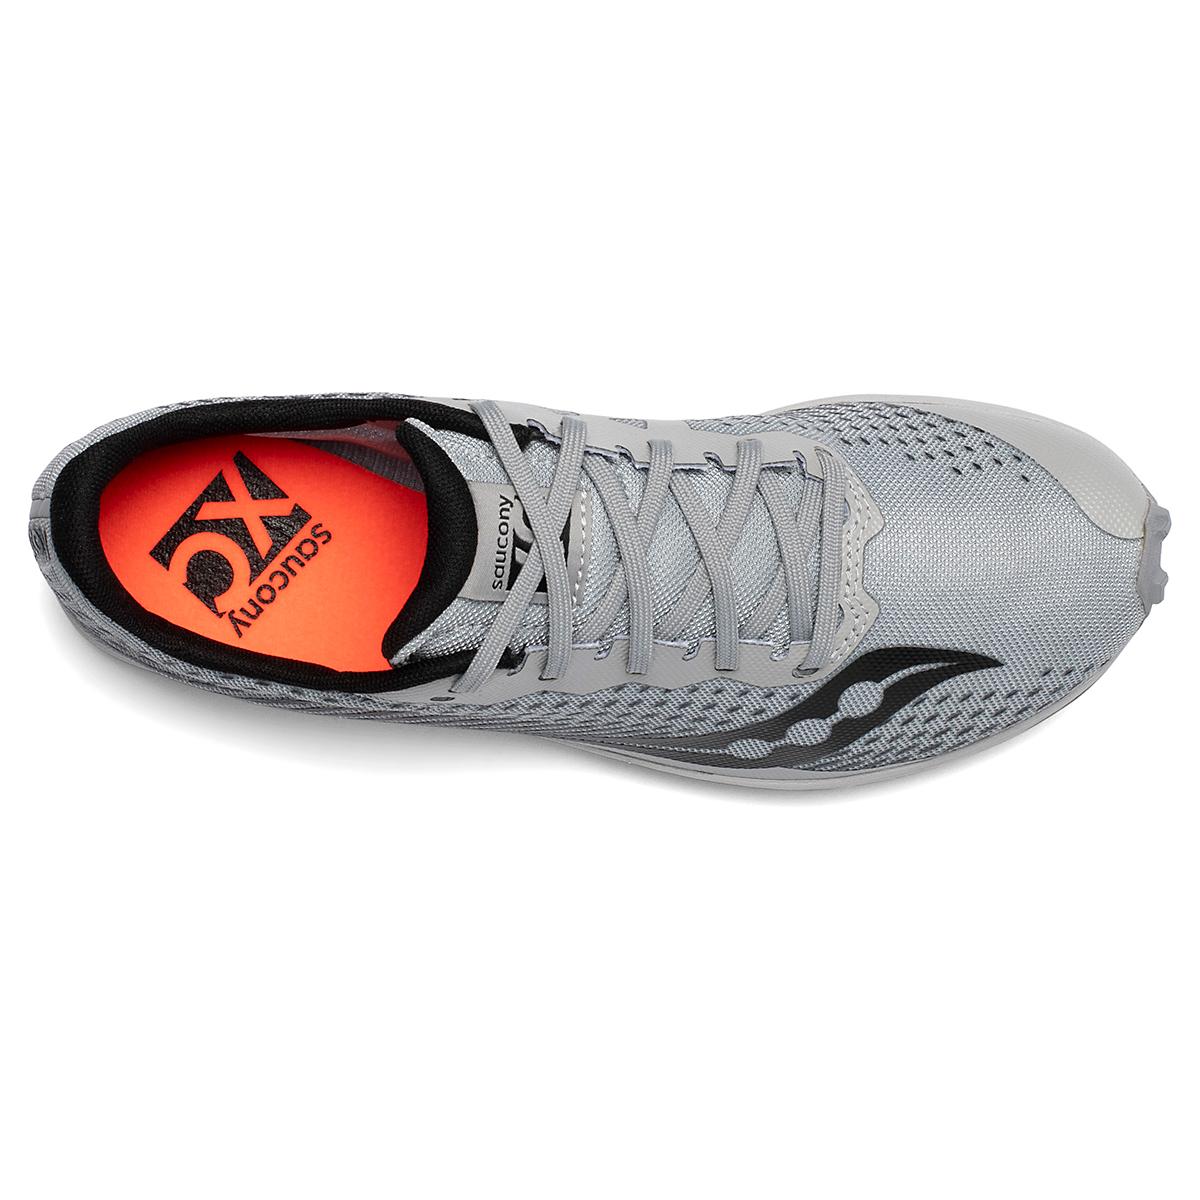 Men's Saucony Kilkenny XC8 Track Spikes - Color: Alloy/Black - Size: 8 - Width: Regular, Alloy/Black, large, image 3